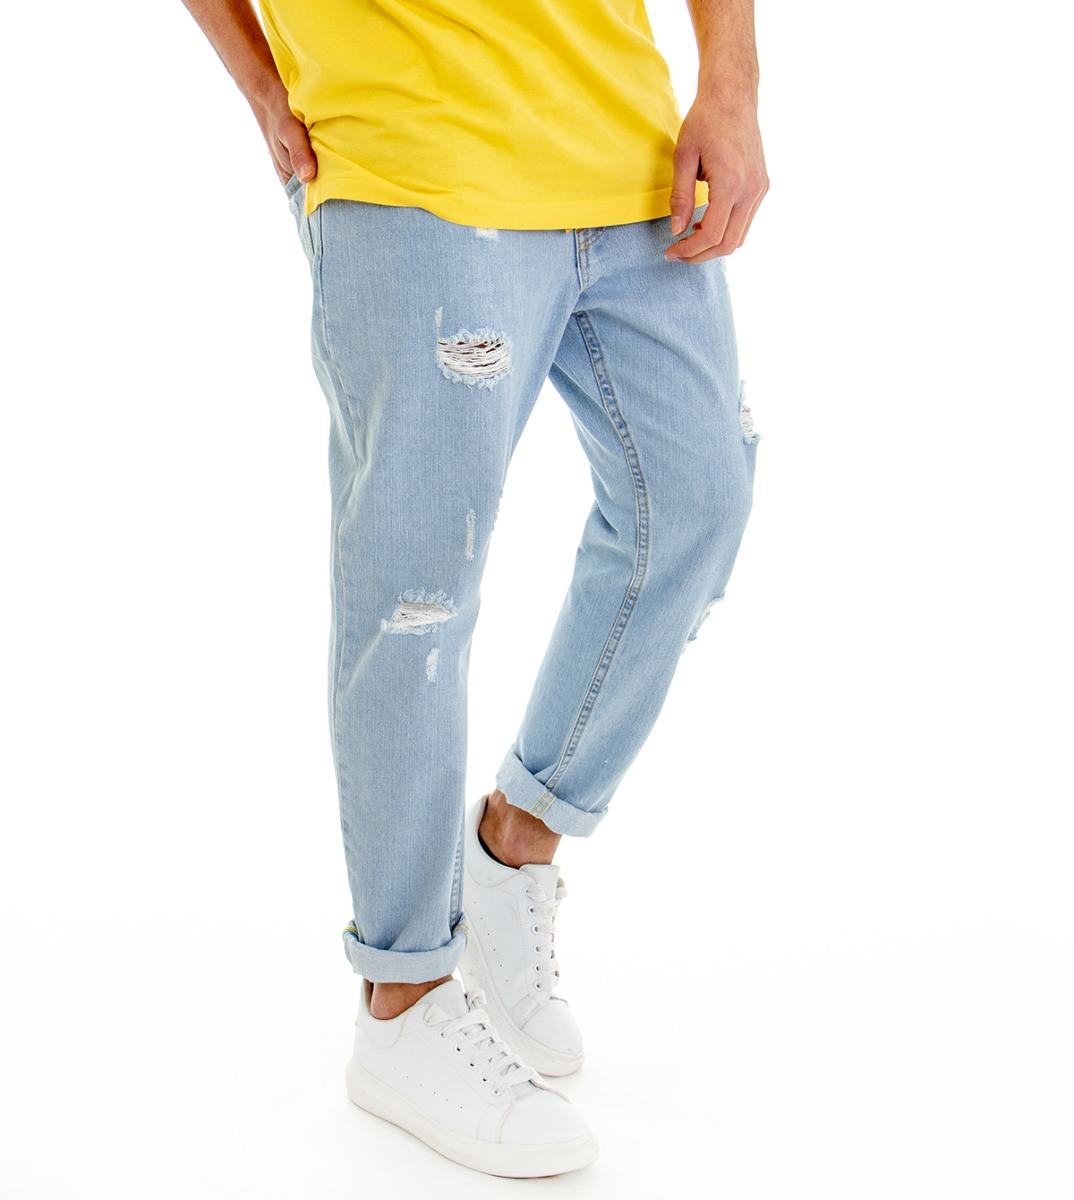 Pantalone-Denim-Chiaro-Uomo-Jeans-Cinque-Tasche-Con-Rotture-MOD-Cotone-GIOSAL miniatura 11